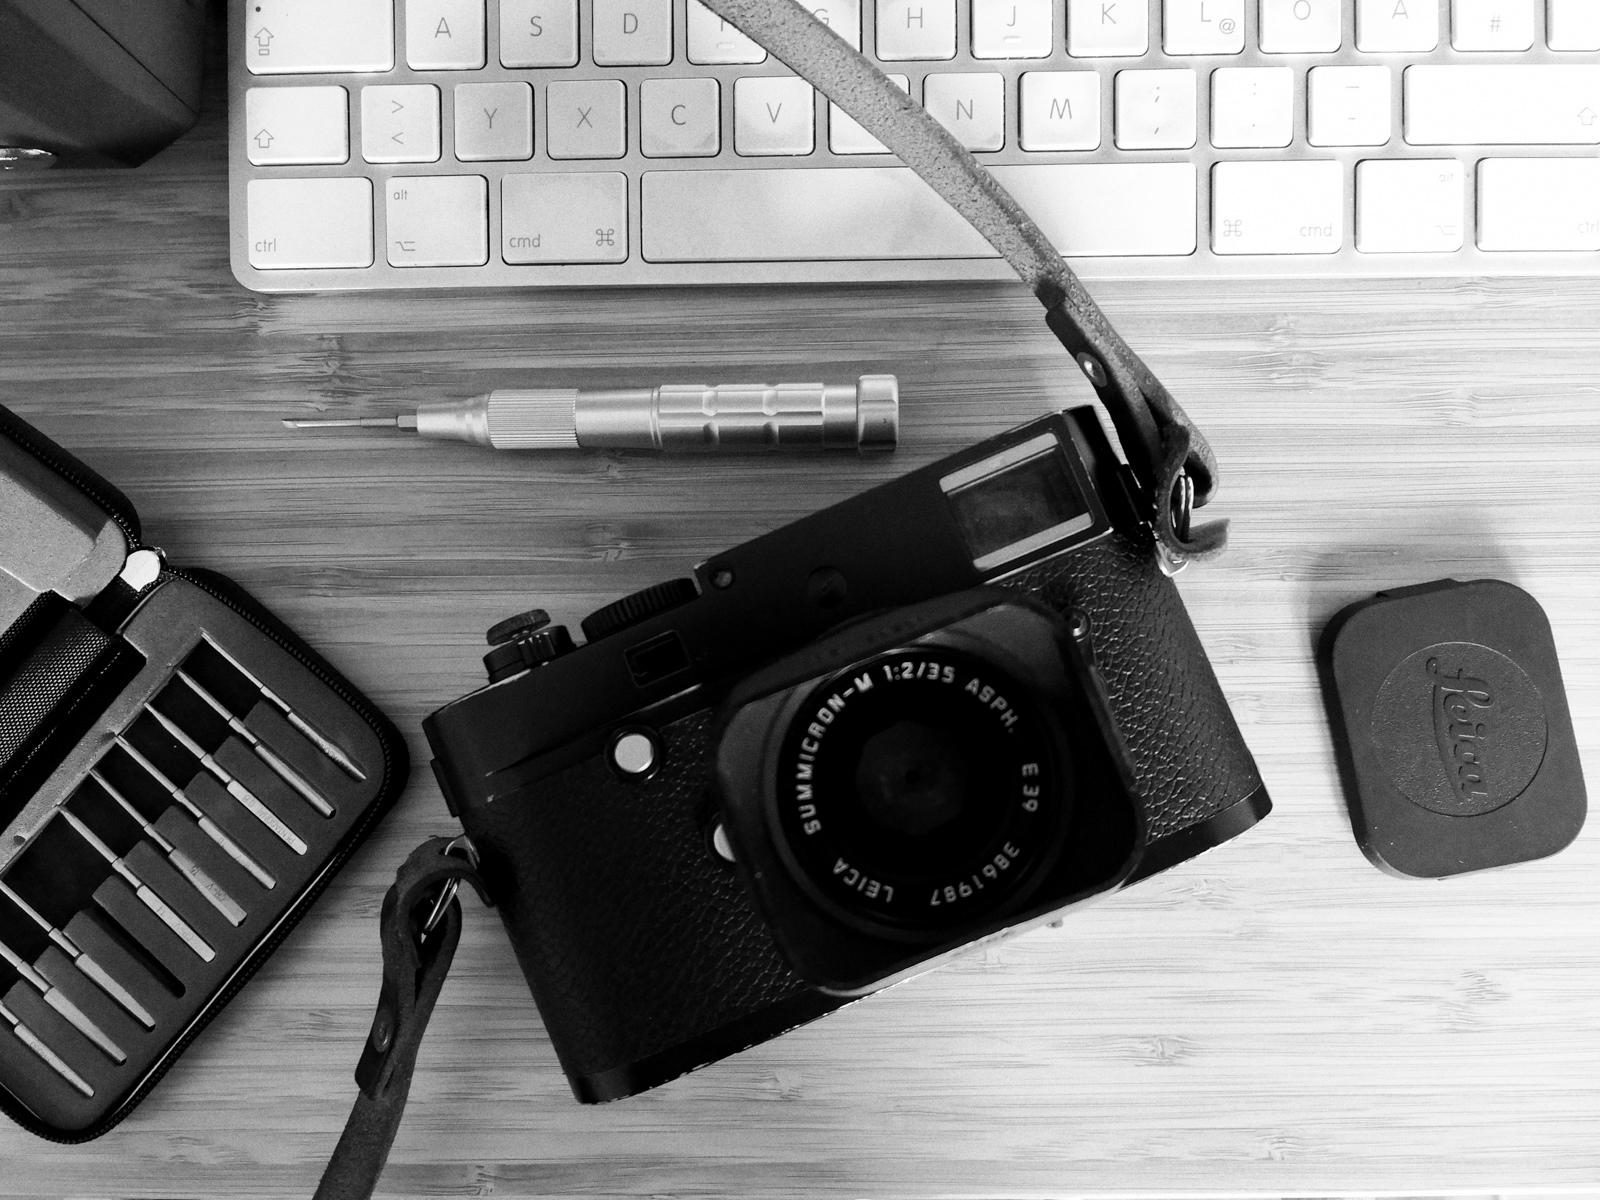 Leica M Entfernungsmesser Justieren : Leica m messsucher justieren u andré duhme a not so secret diary